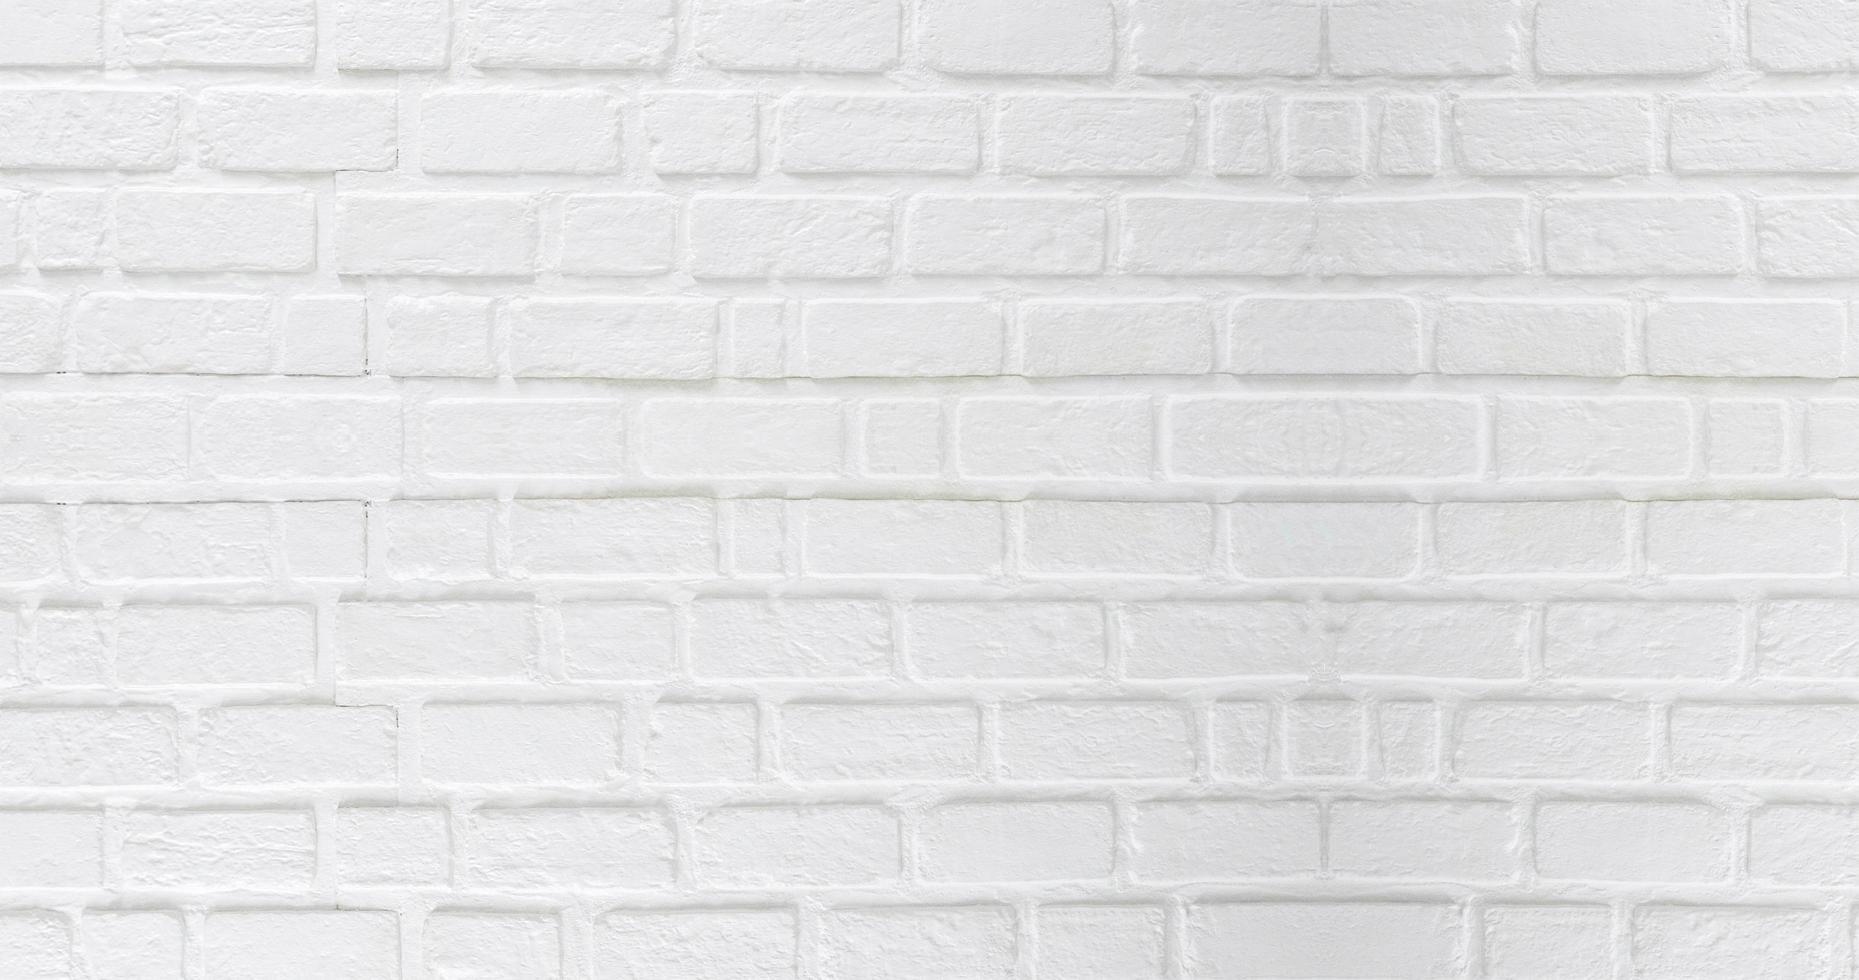 strukturierte weiße Betonwand für Hintergrund foto